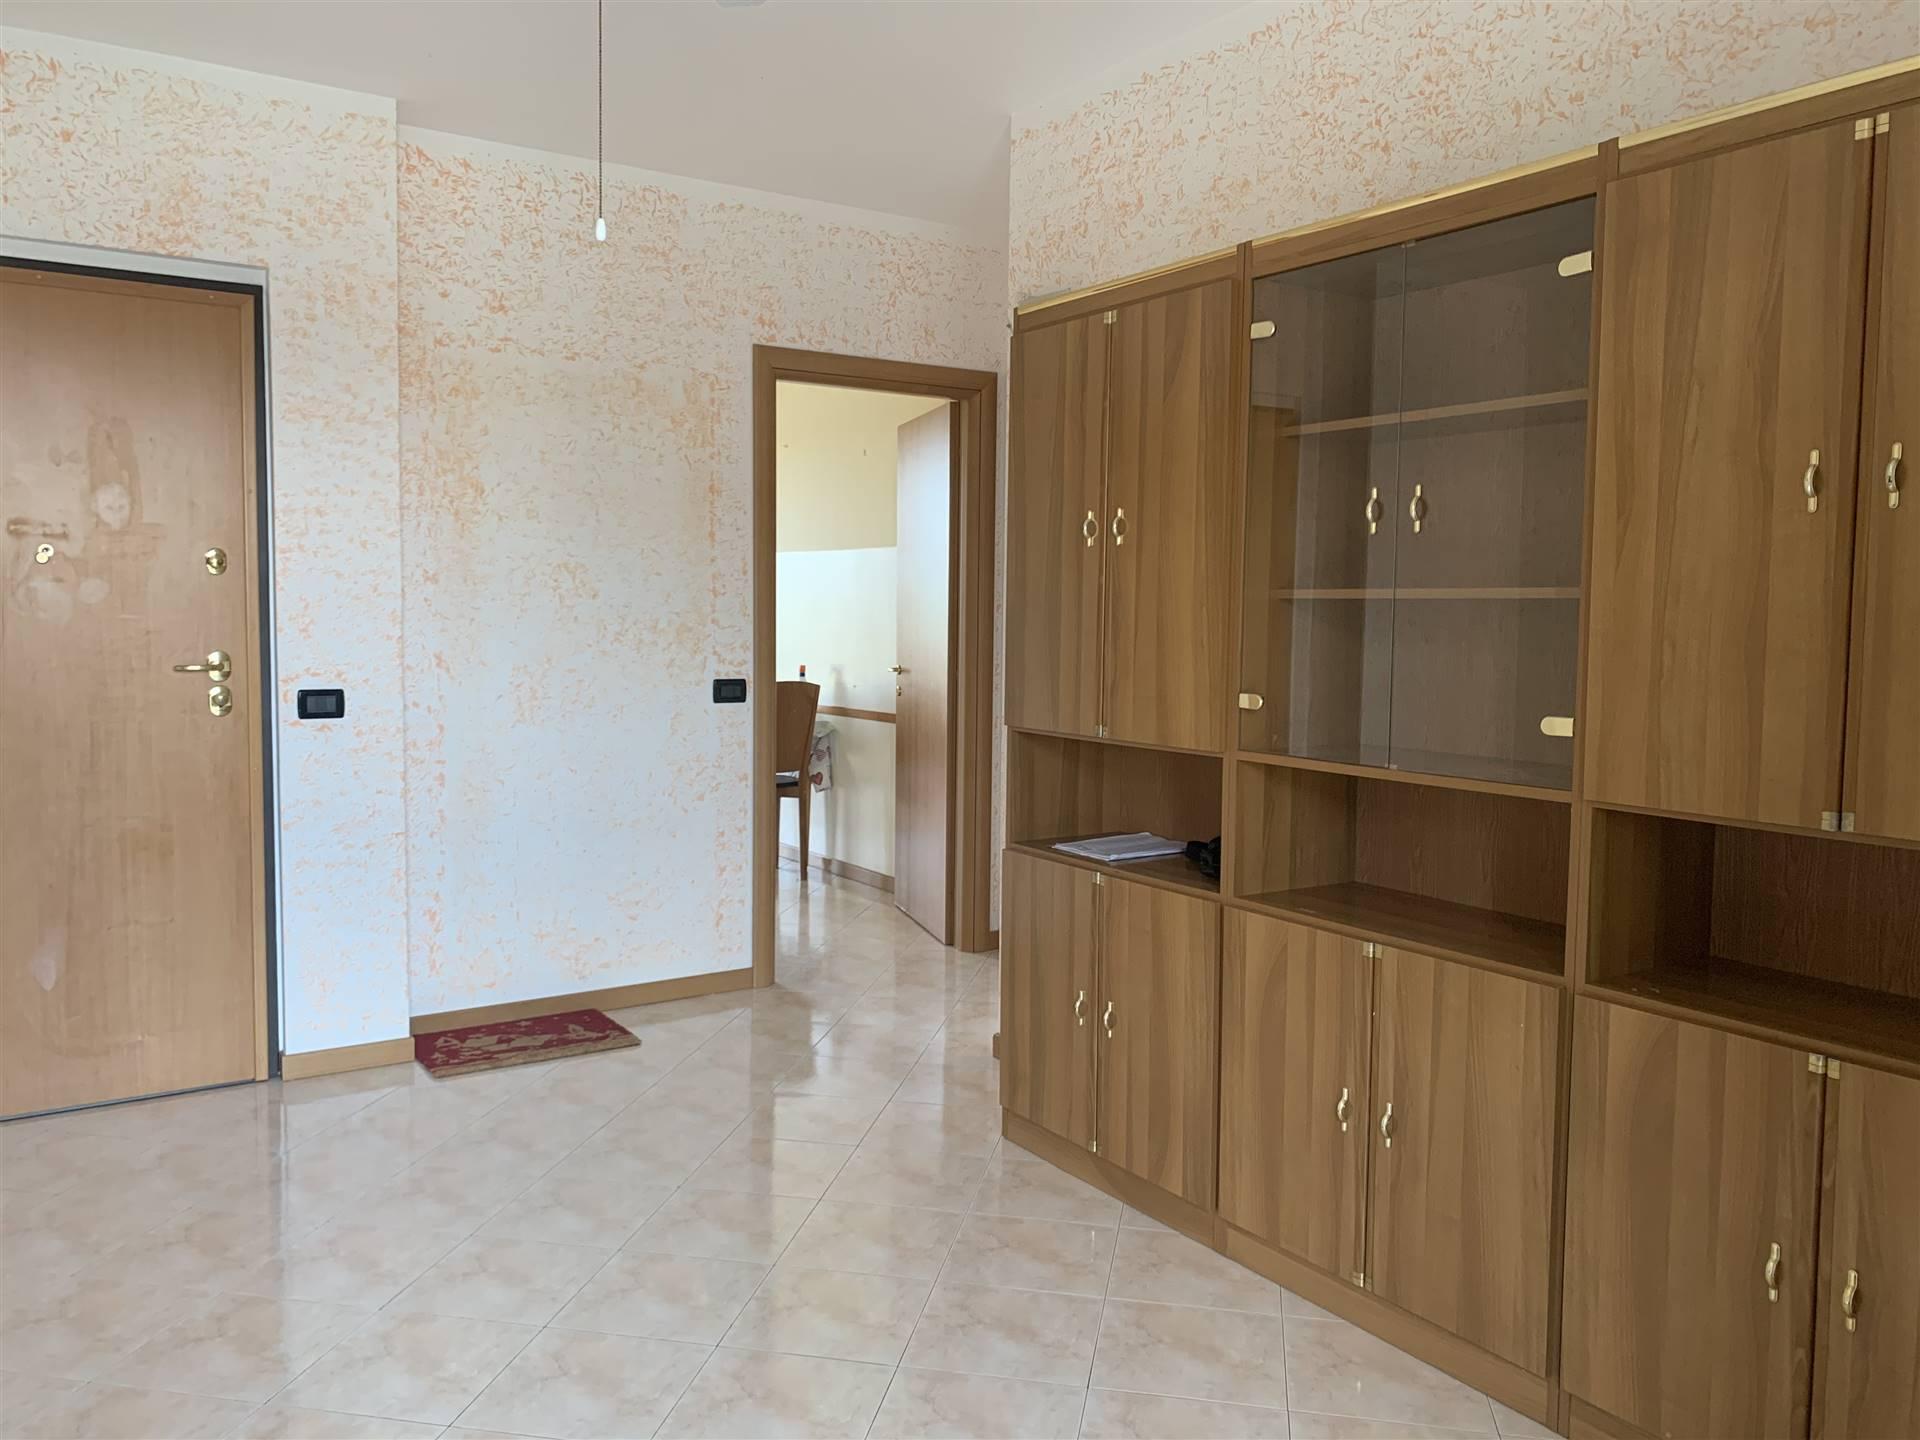 Appartamento in vendita a Pozzo d'Adda, 3 locali, prezzo € 143.000   PortaleAgenzieImmobiliari.it